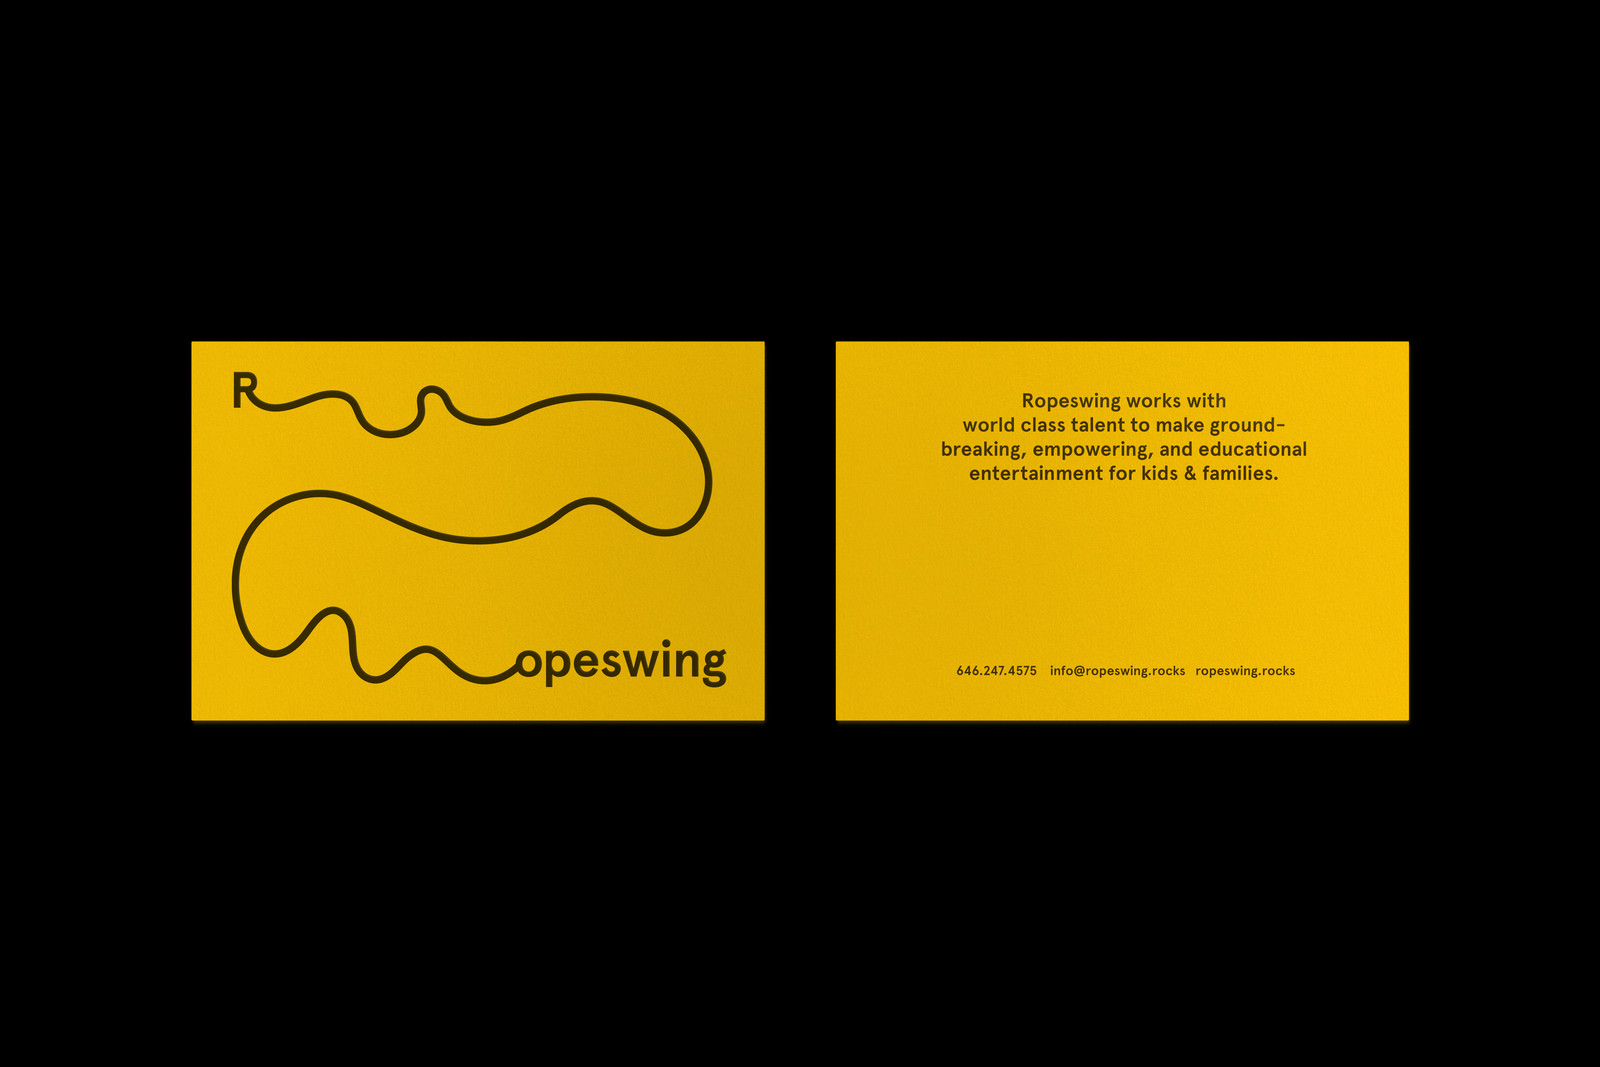 Ropeswing